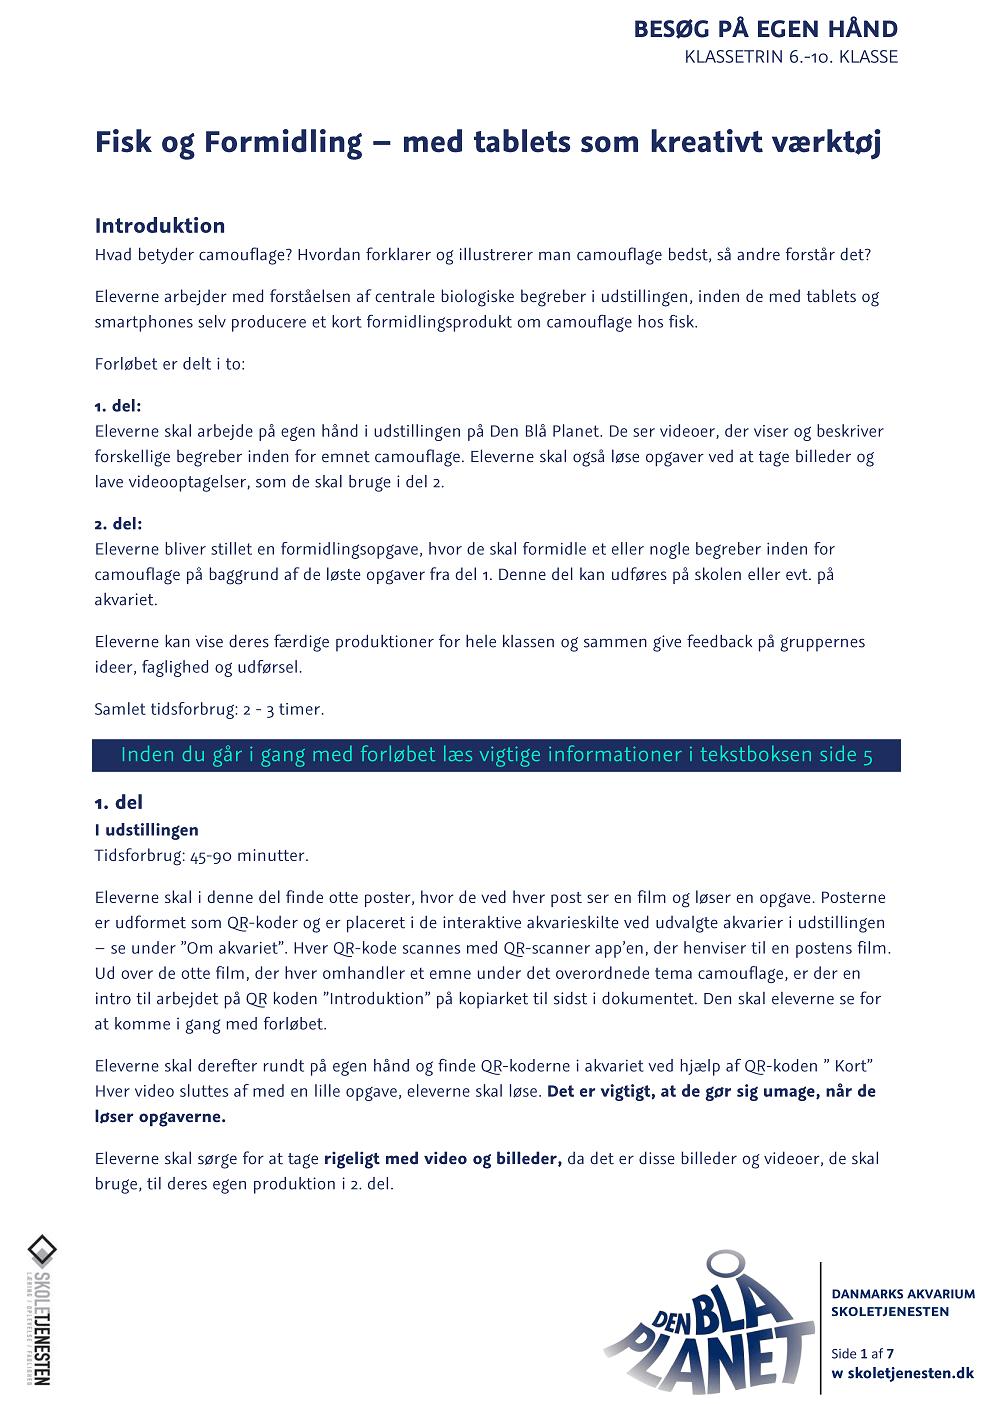 instruktions-materiale-til-fisk-og-formidling-paa-egen-haand-1